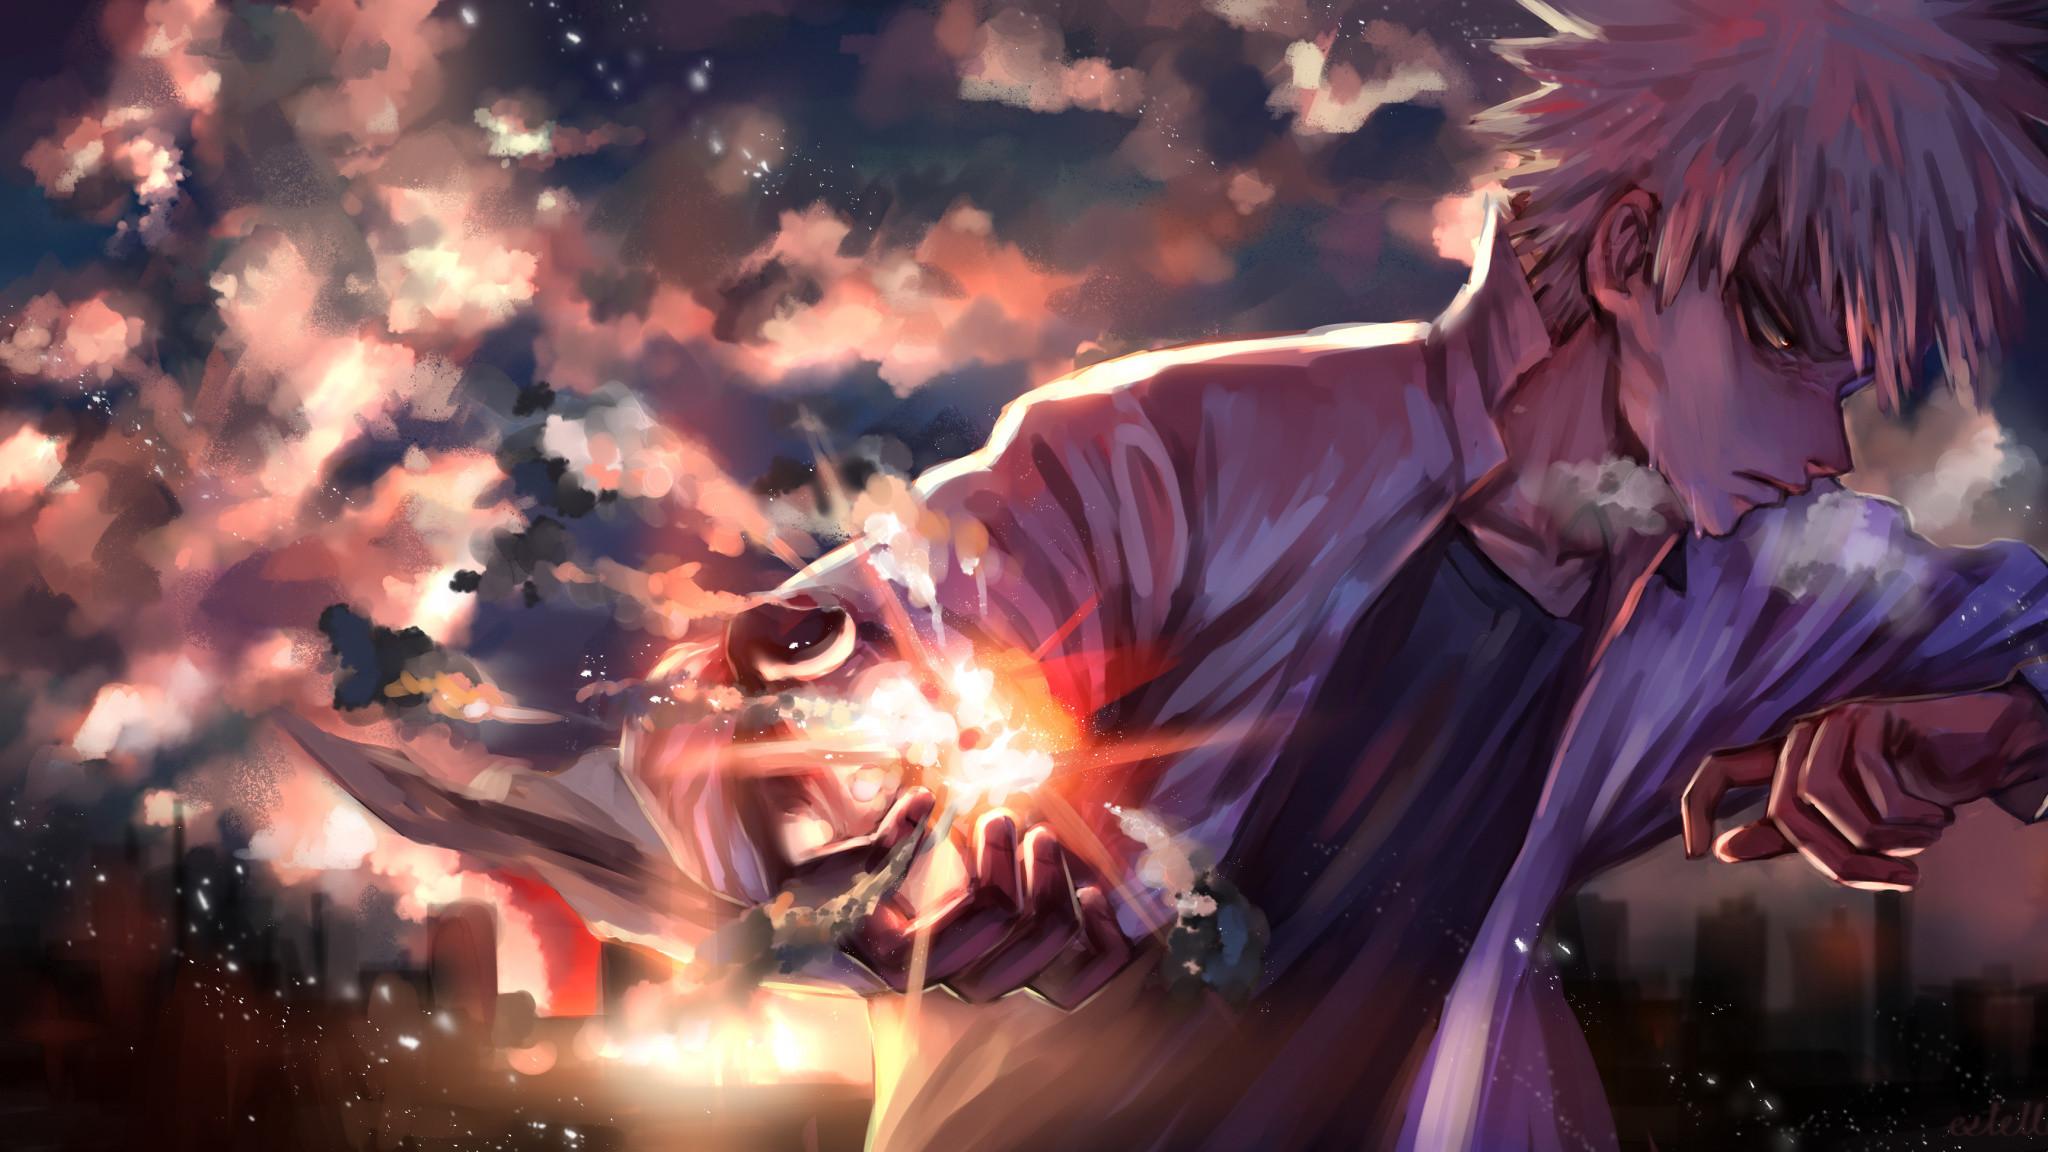 Res: 2048x1152,  wallpaper Boku no hero academia, Katsuki Bakugou, anime boy